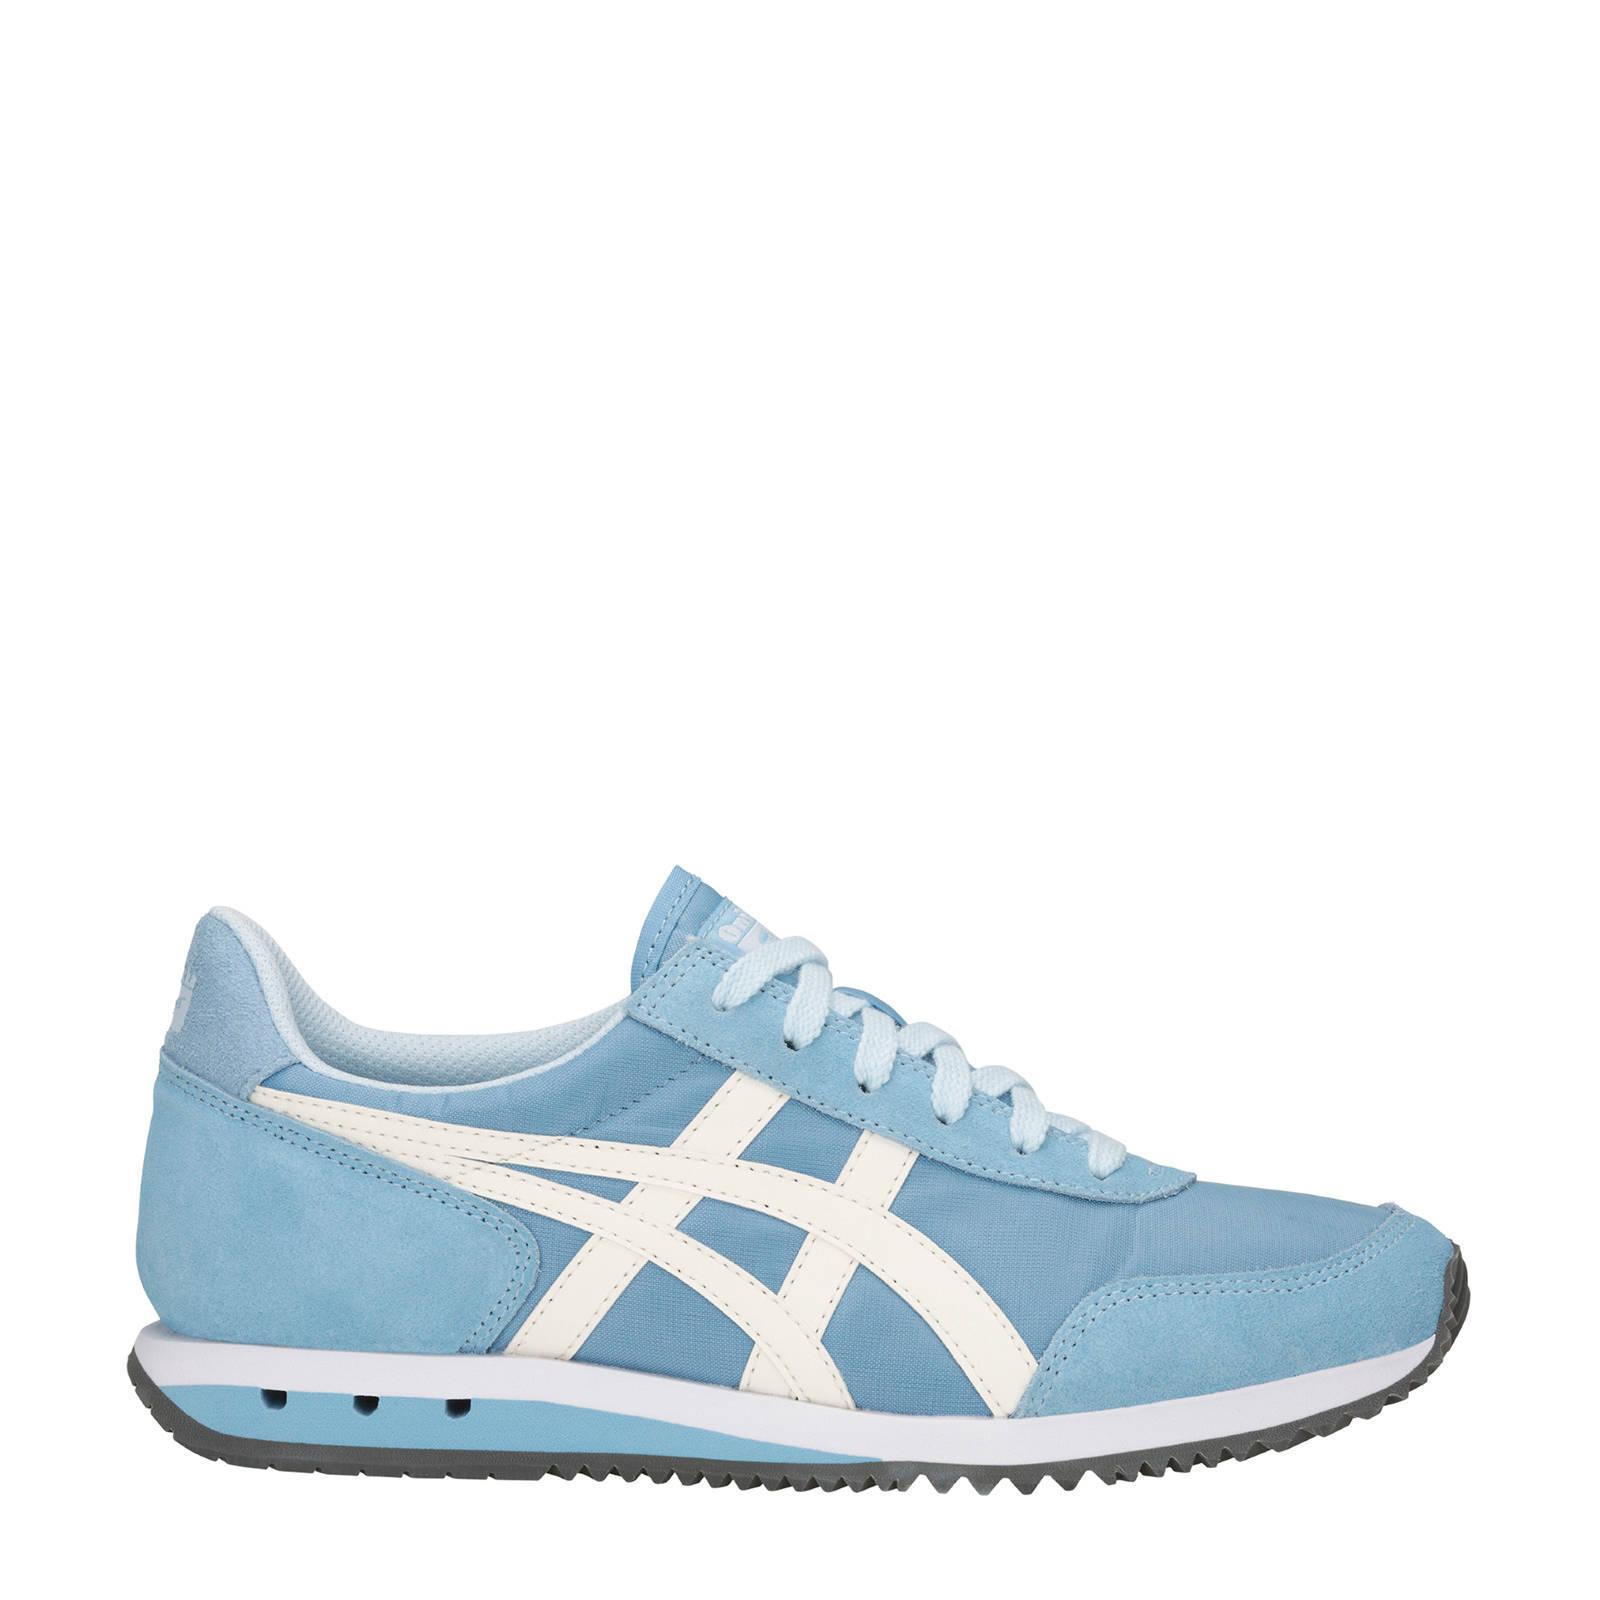 ASICS New York sneakers lichtblauw   wehkamp